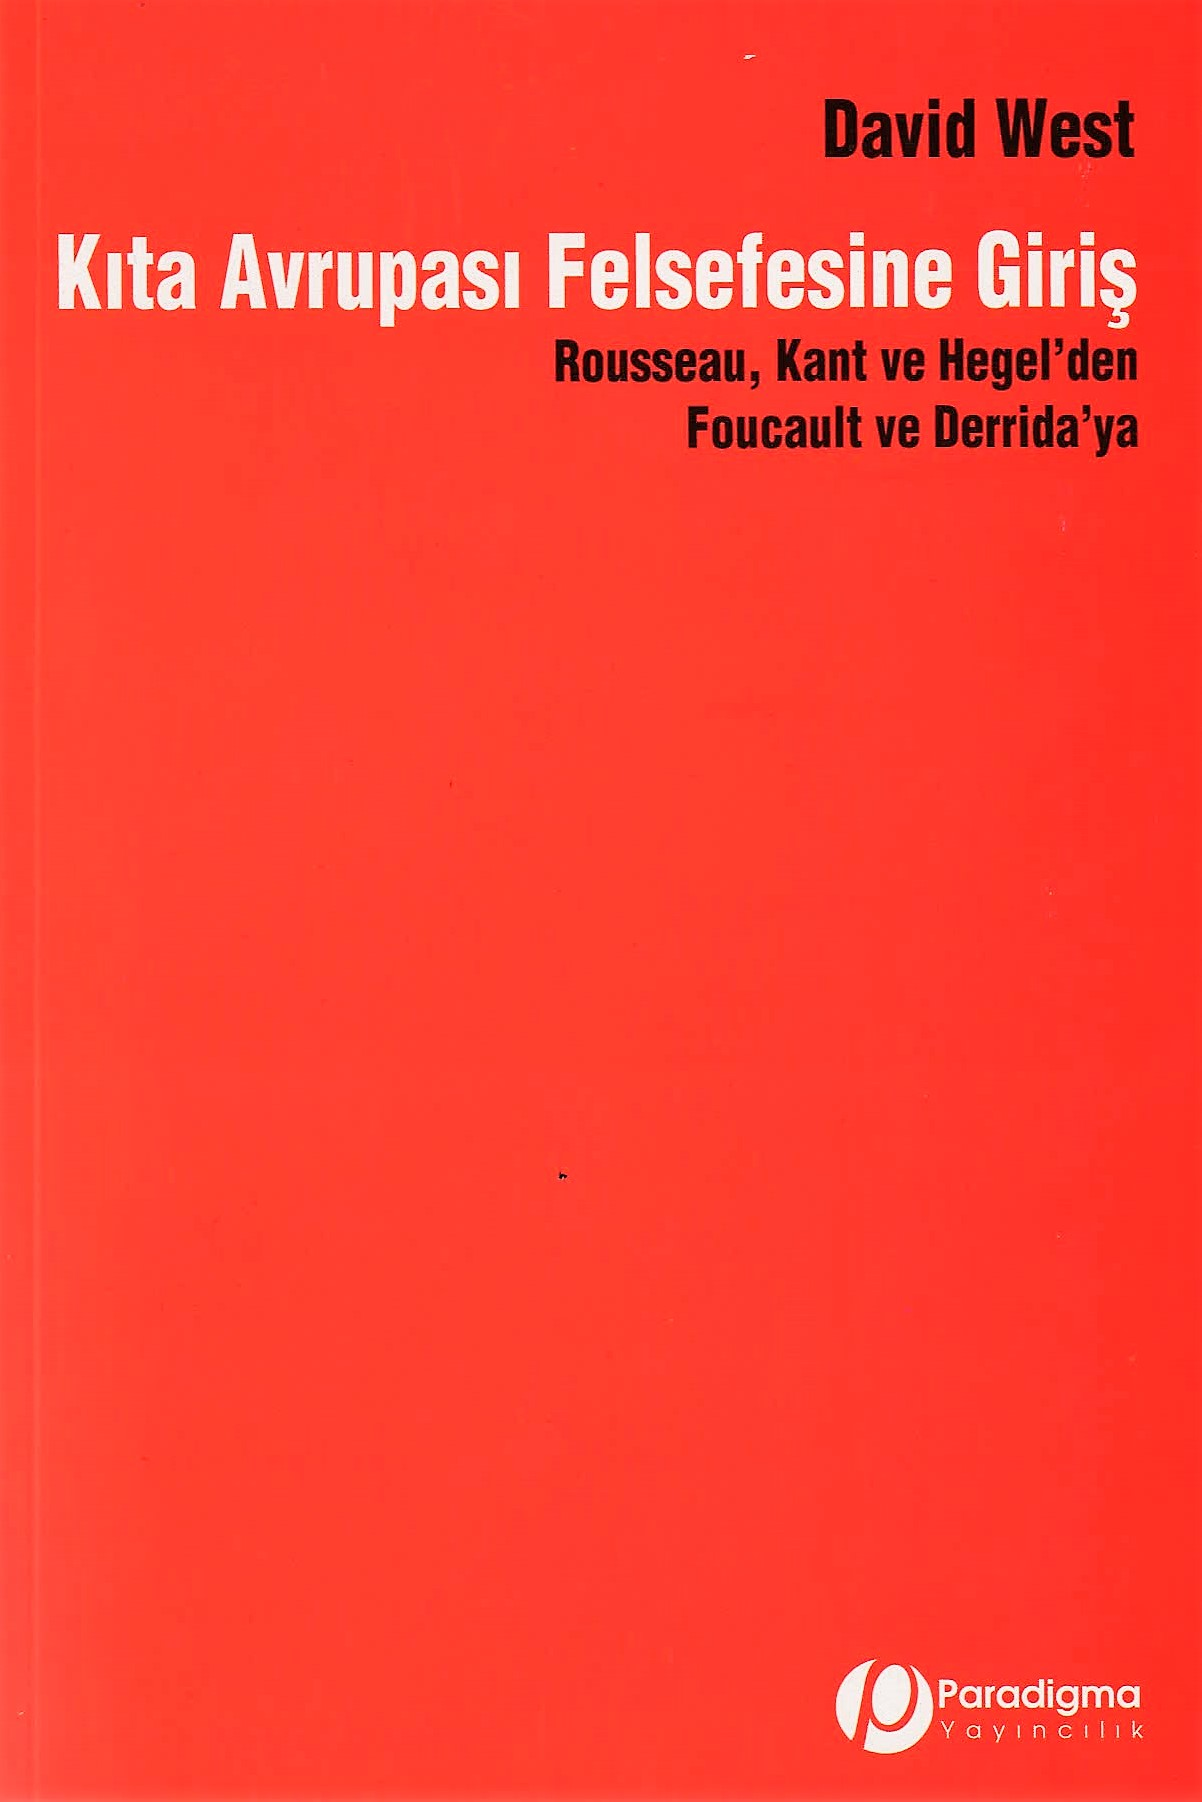 Nietzschenin Kısa Felsefesi: Temel Kavramlar ve Belirli Özellikler